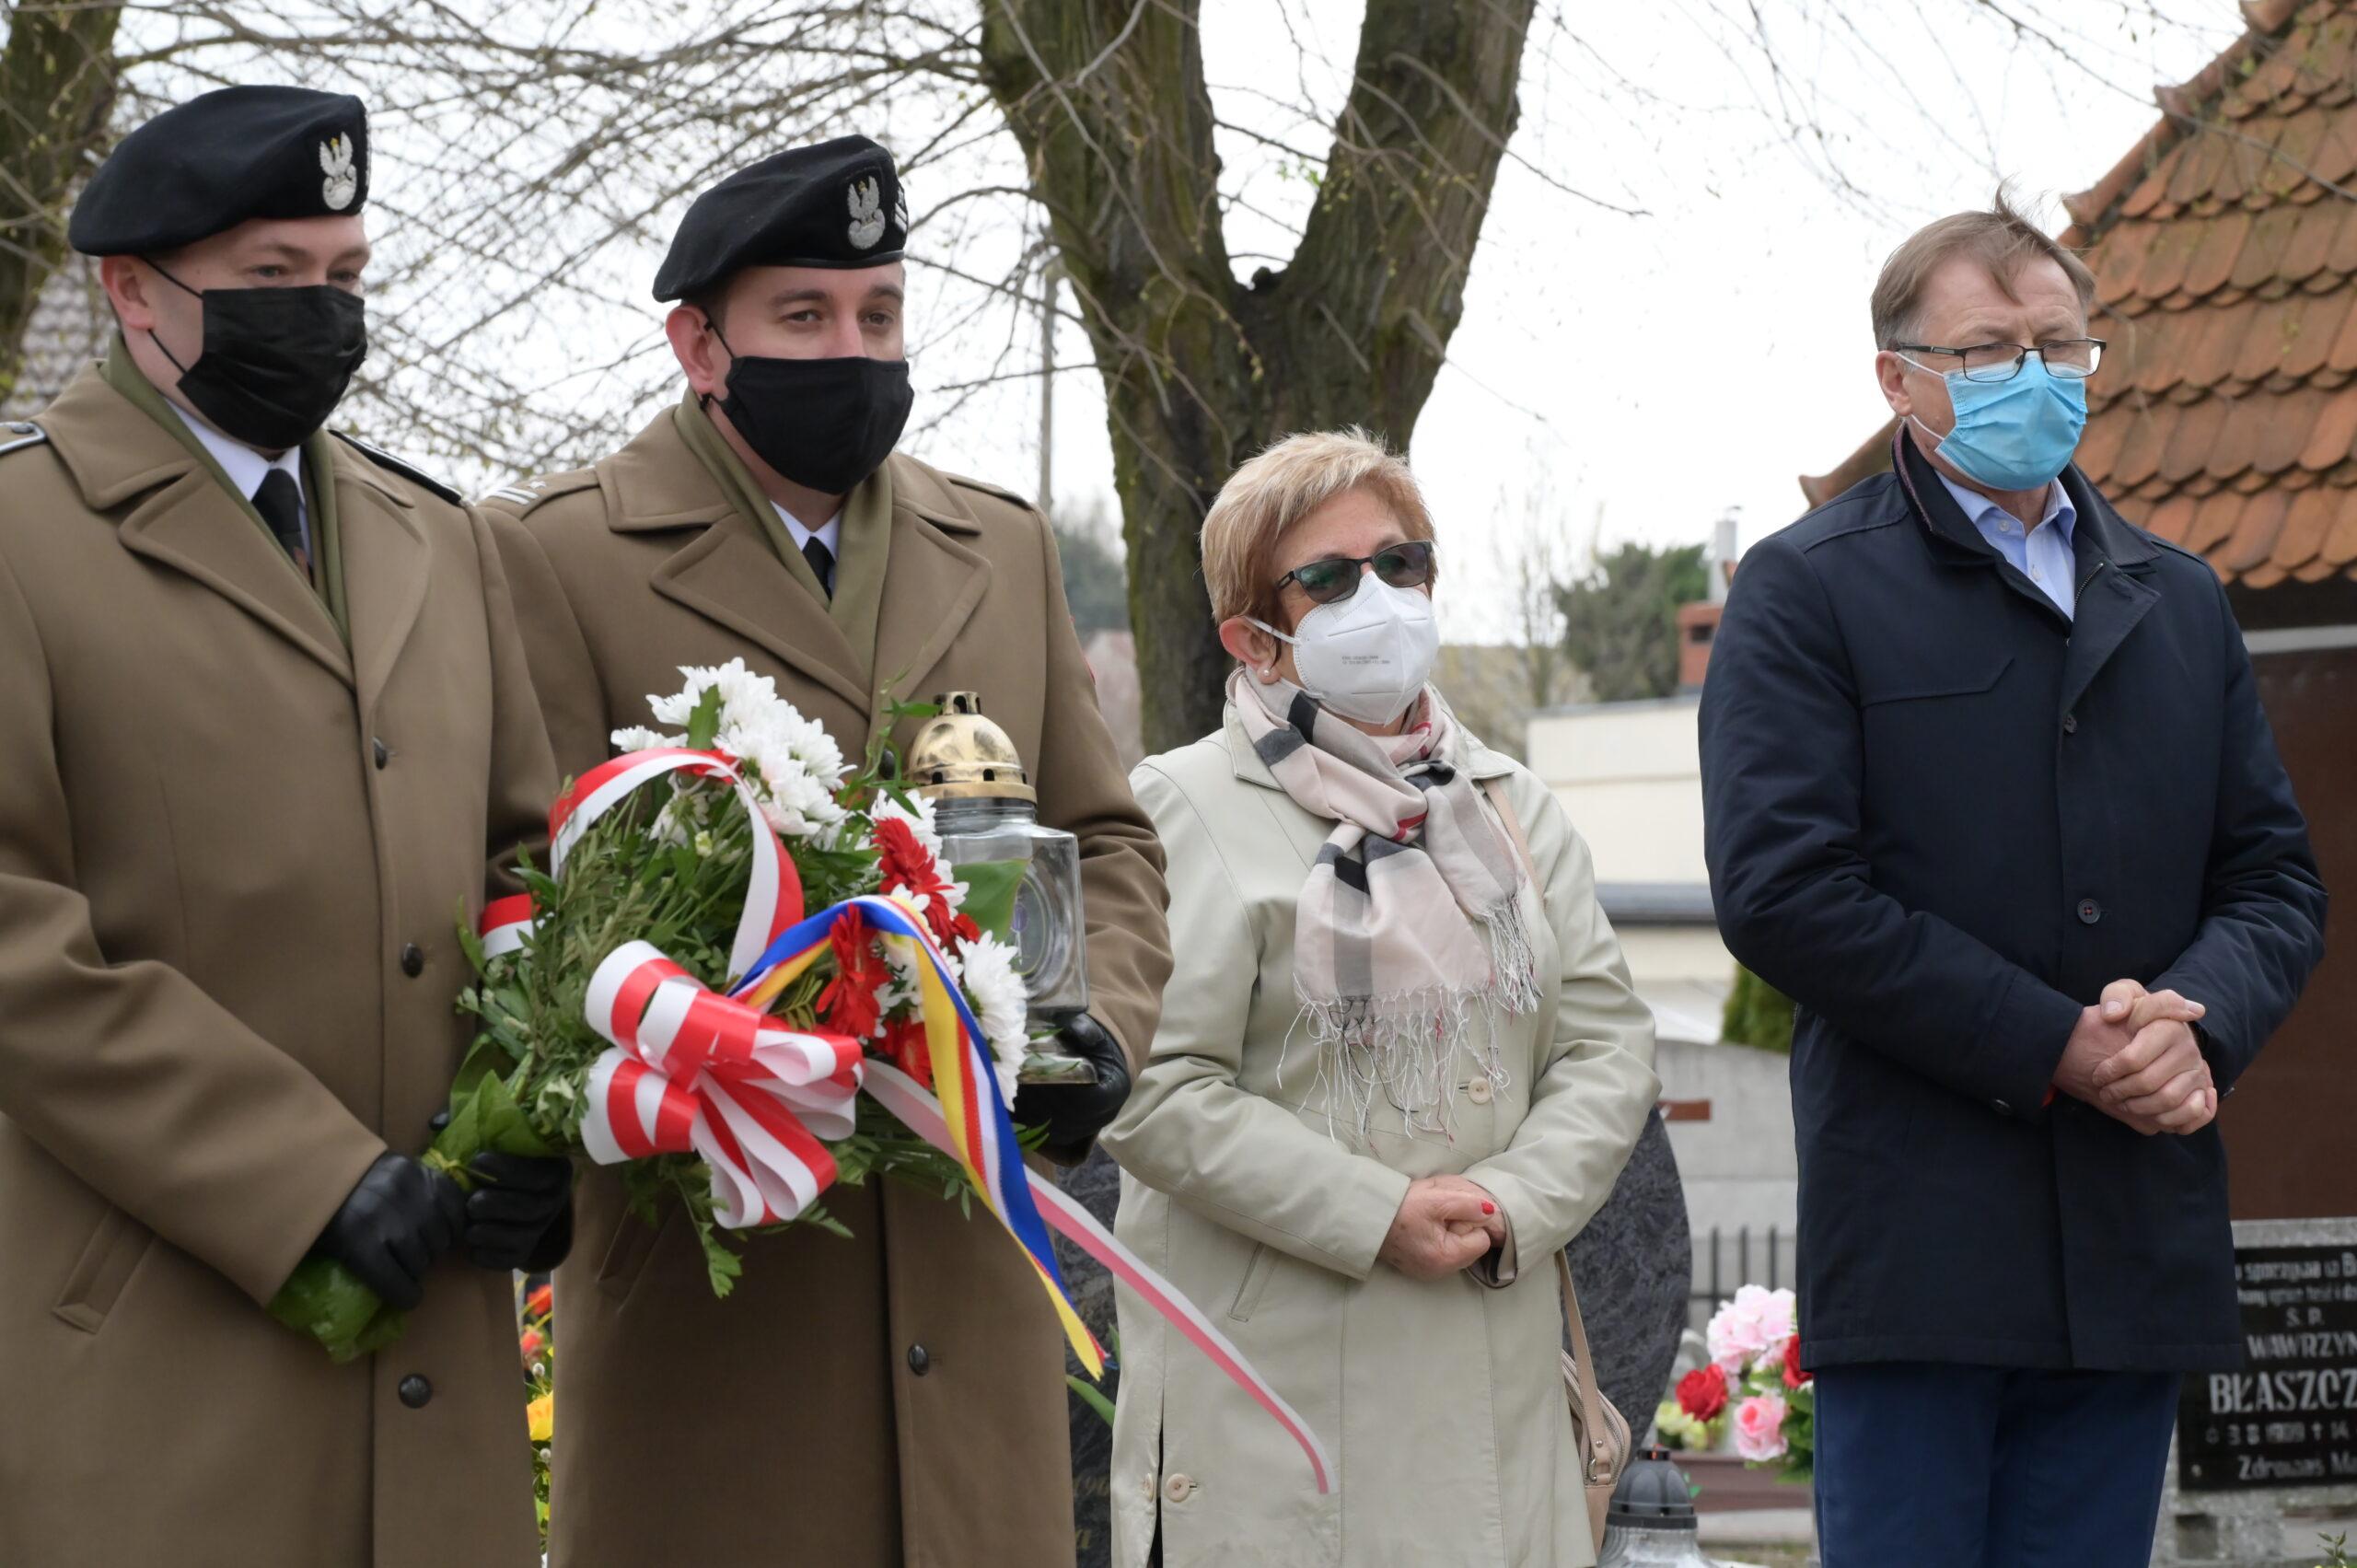 Na zdjęciu przedstawiciele wojska, przewodnicząca Rady Gminy Tarnowo Podgórne oraz Wójt Gminy Tarnowo Podgórne podczas uroczystości na cmentarzu w Lusowie.